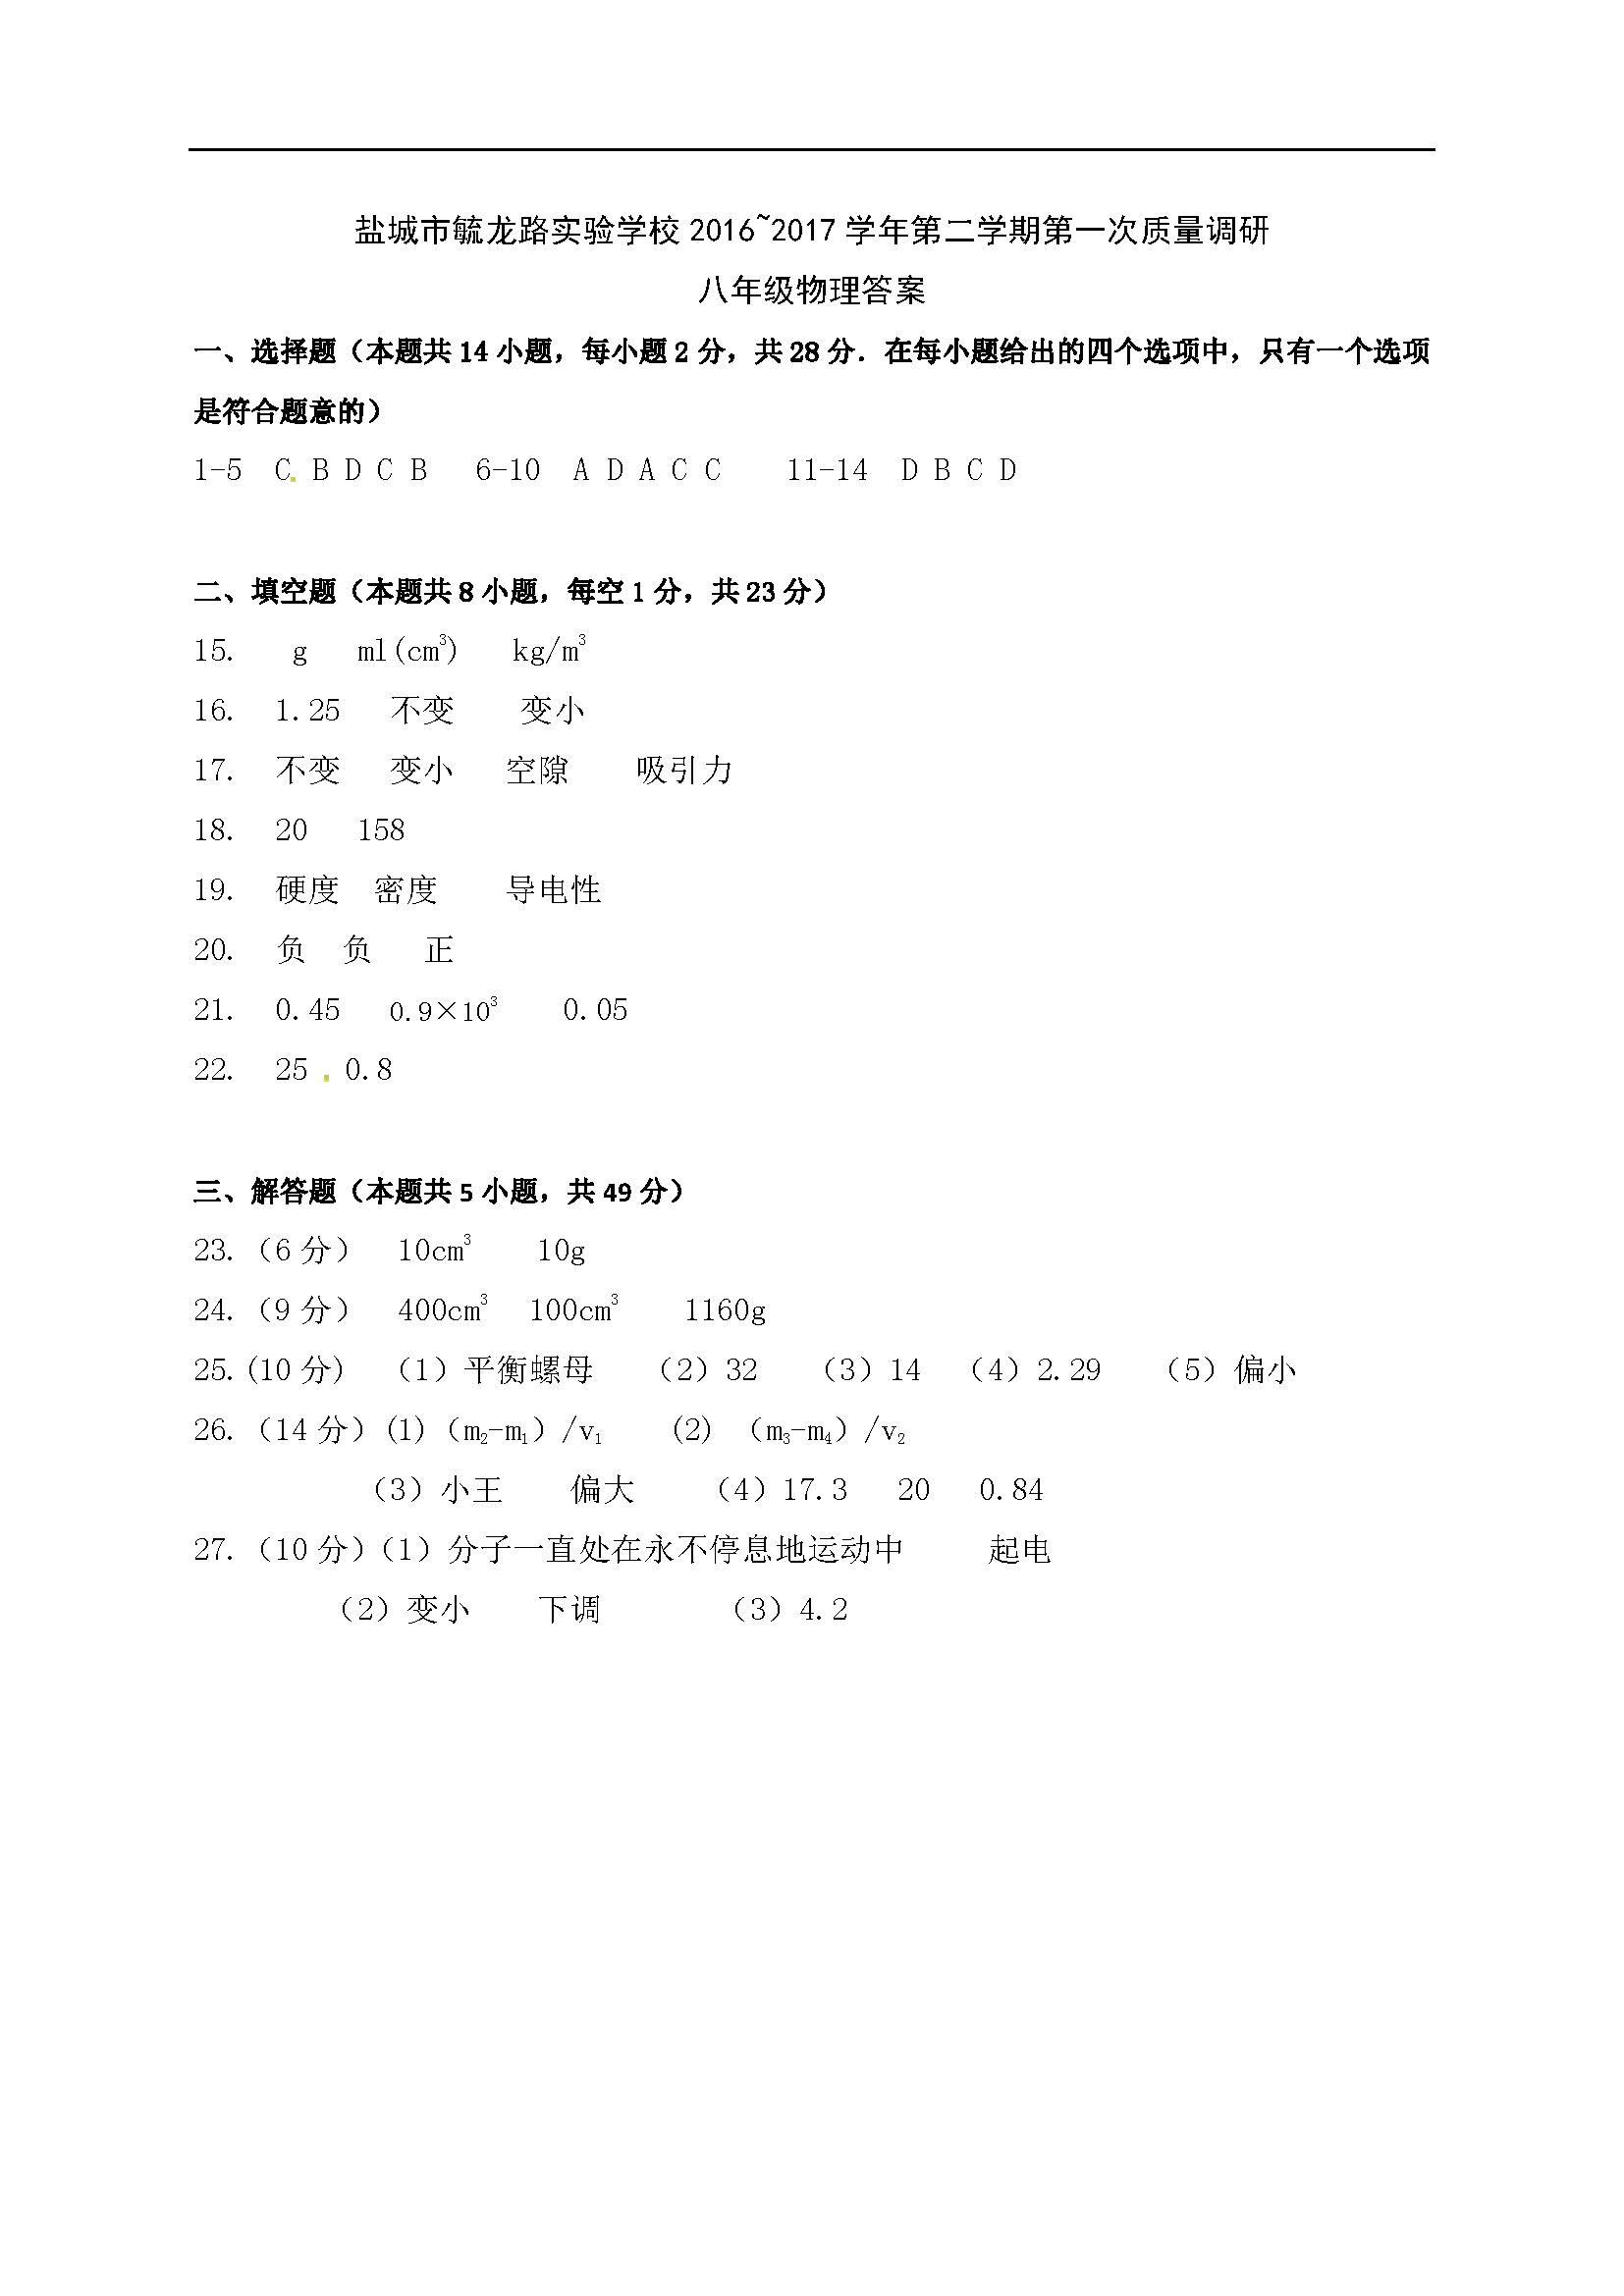 江苏盐城毓龙路实验学校2016-2017八年级下第一次月考物理试题答案(图片版)